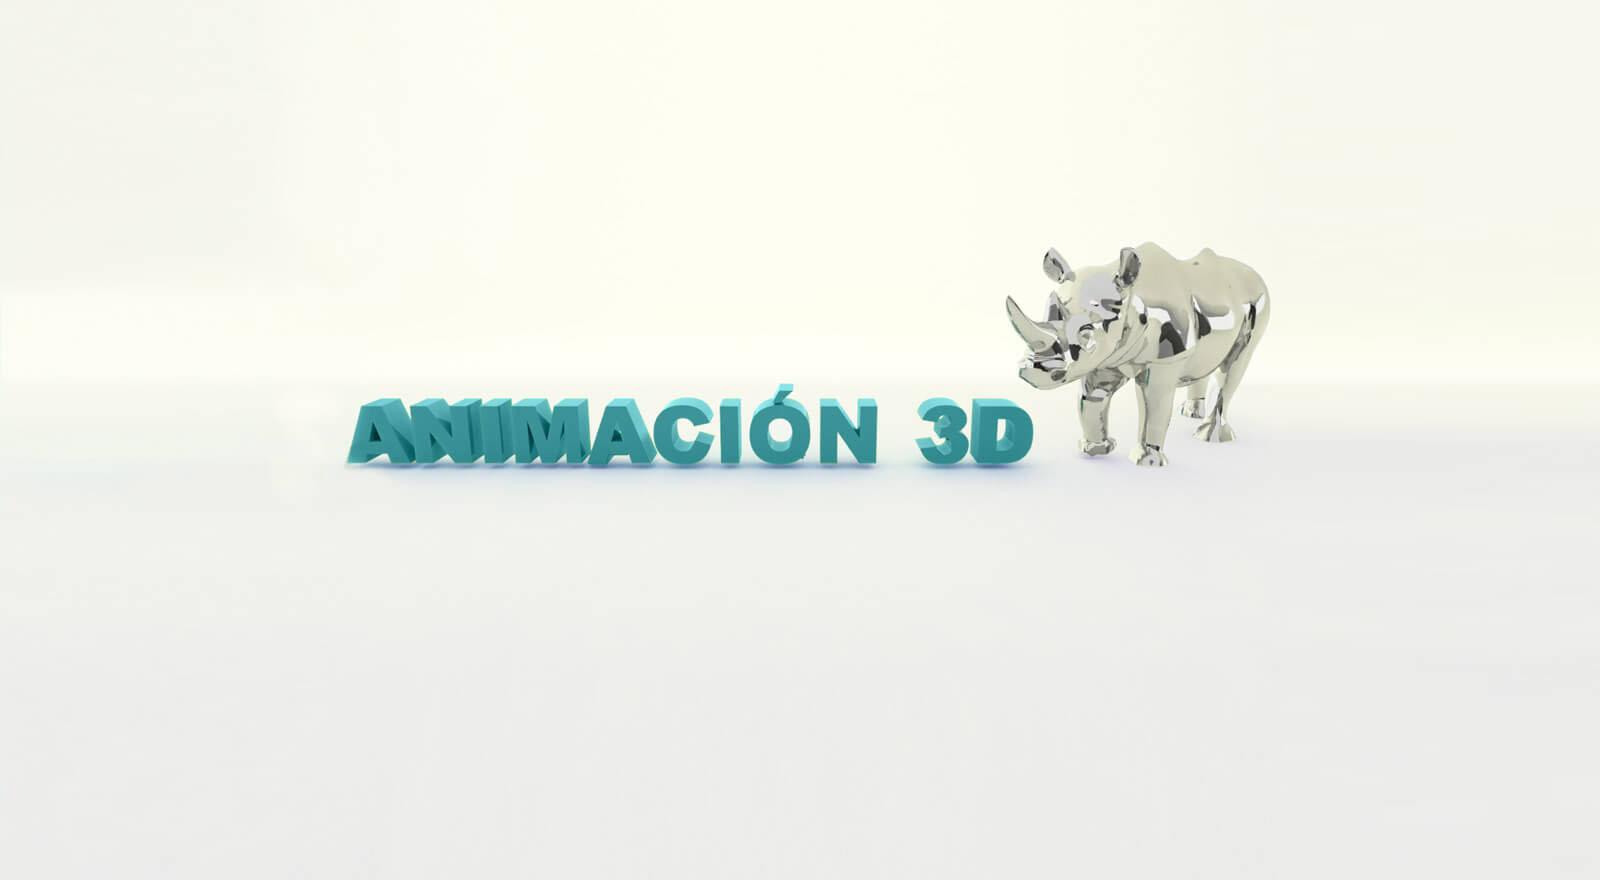 rinoceronte en 3d plateado animacion 3d